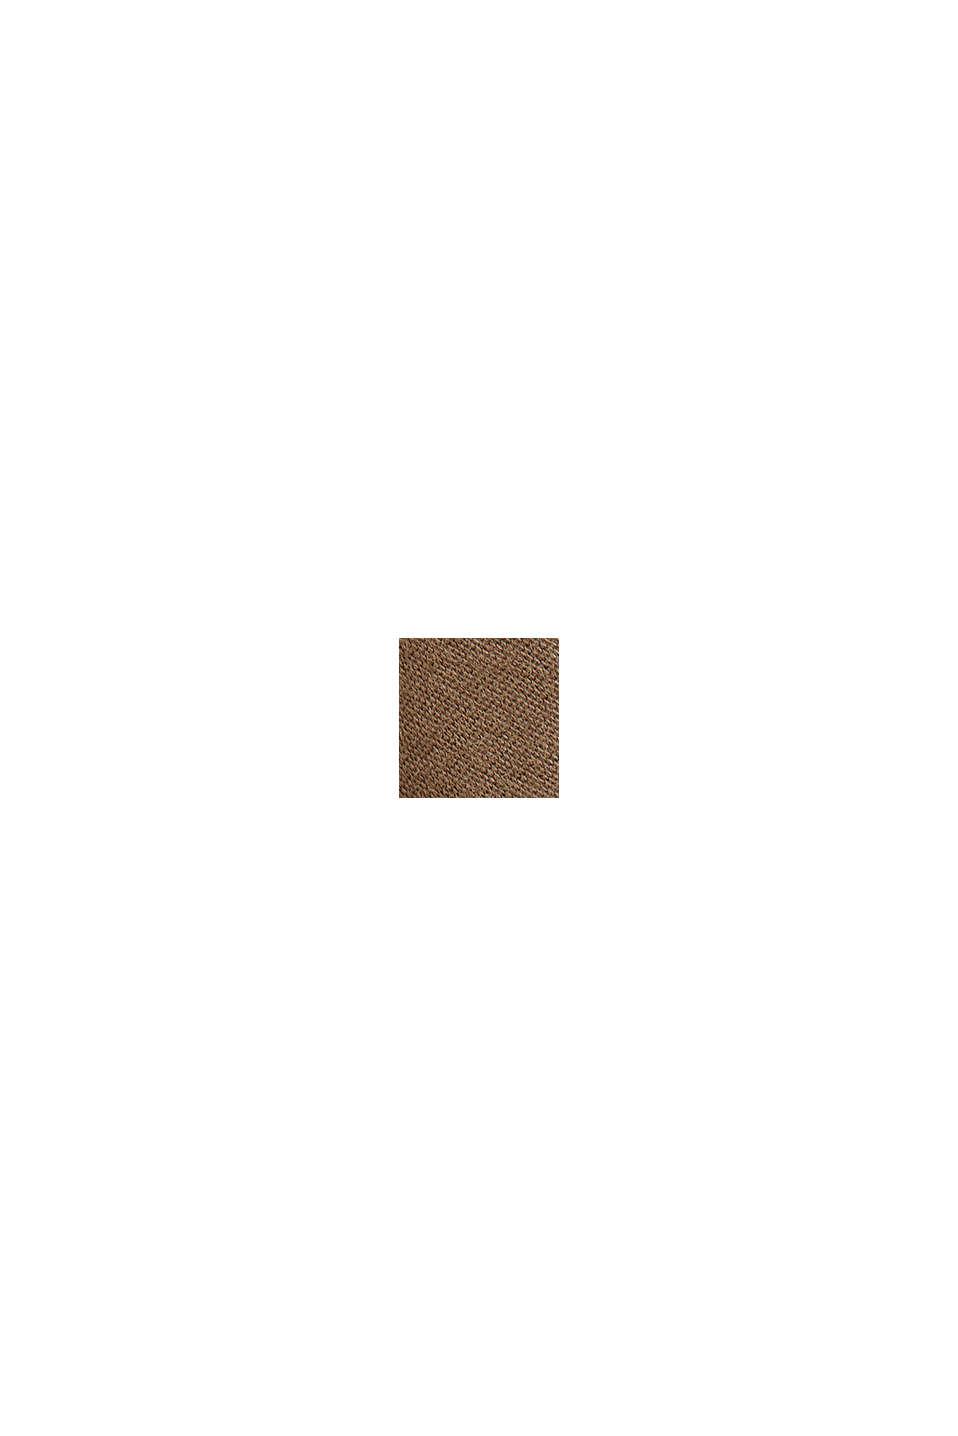 Giacca per le mezze stagioni impermeabile in misto cotone, BEIGE, swatch